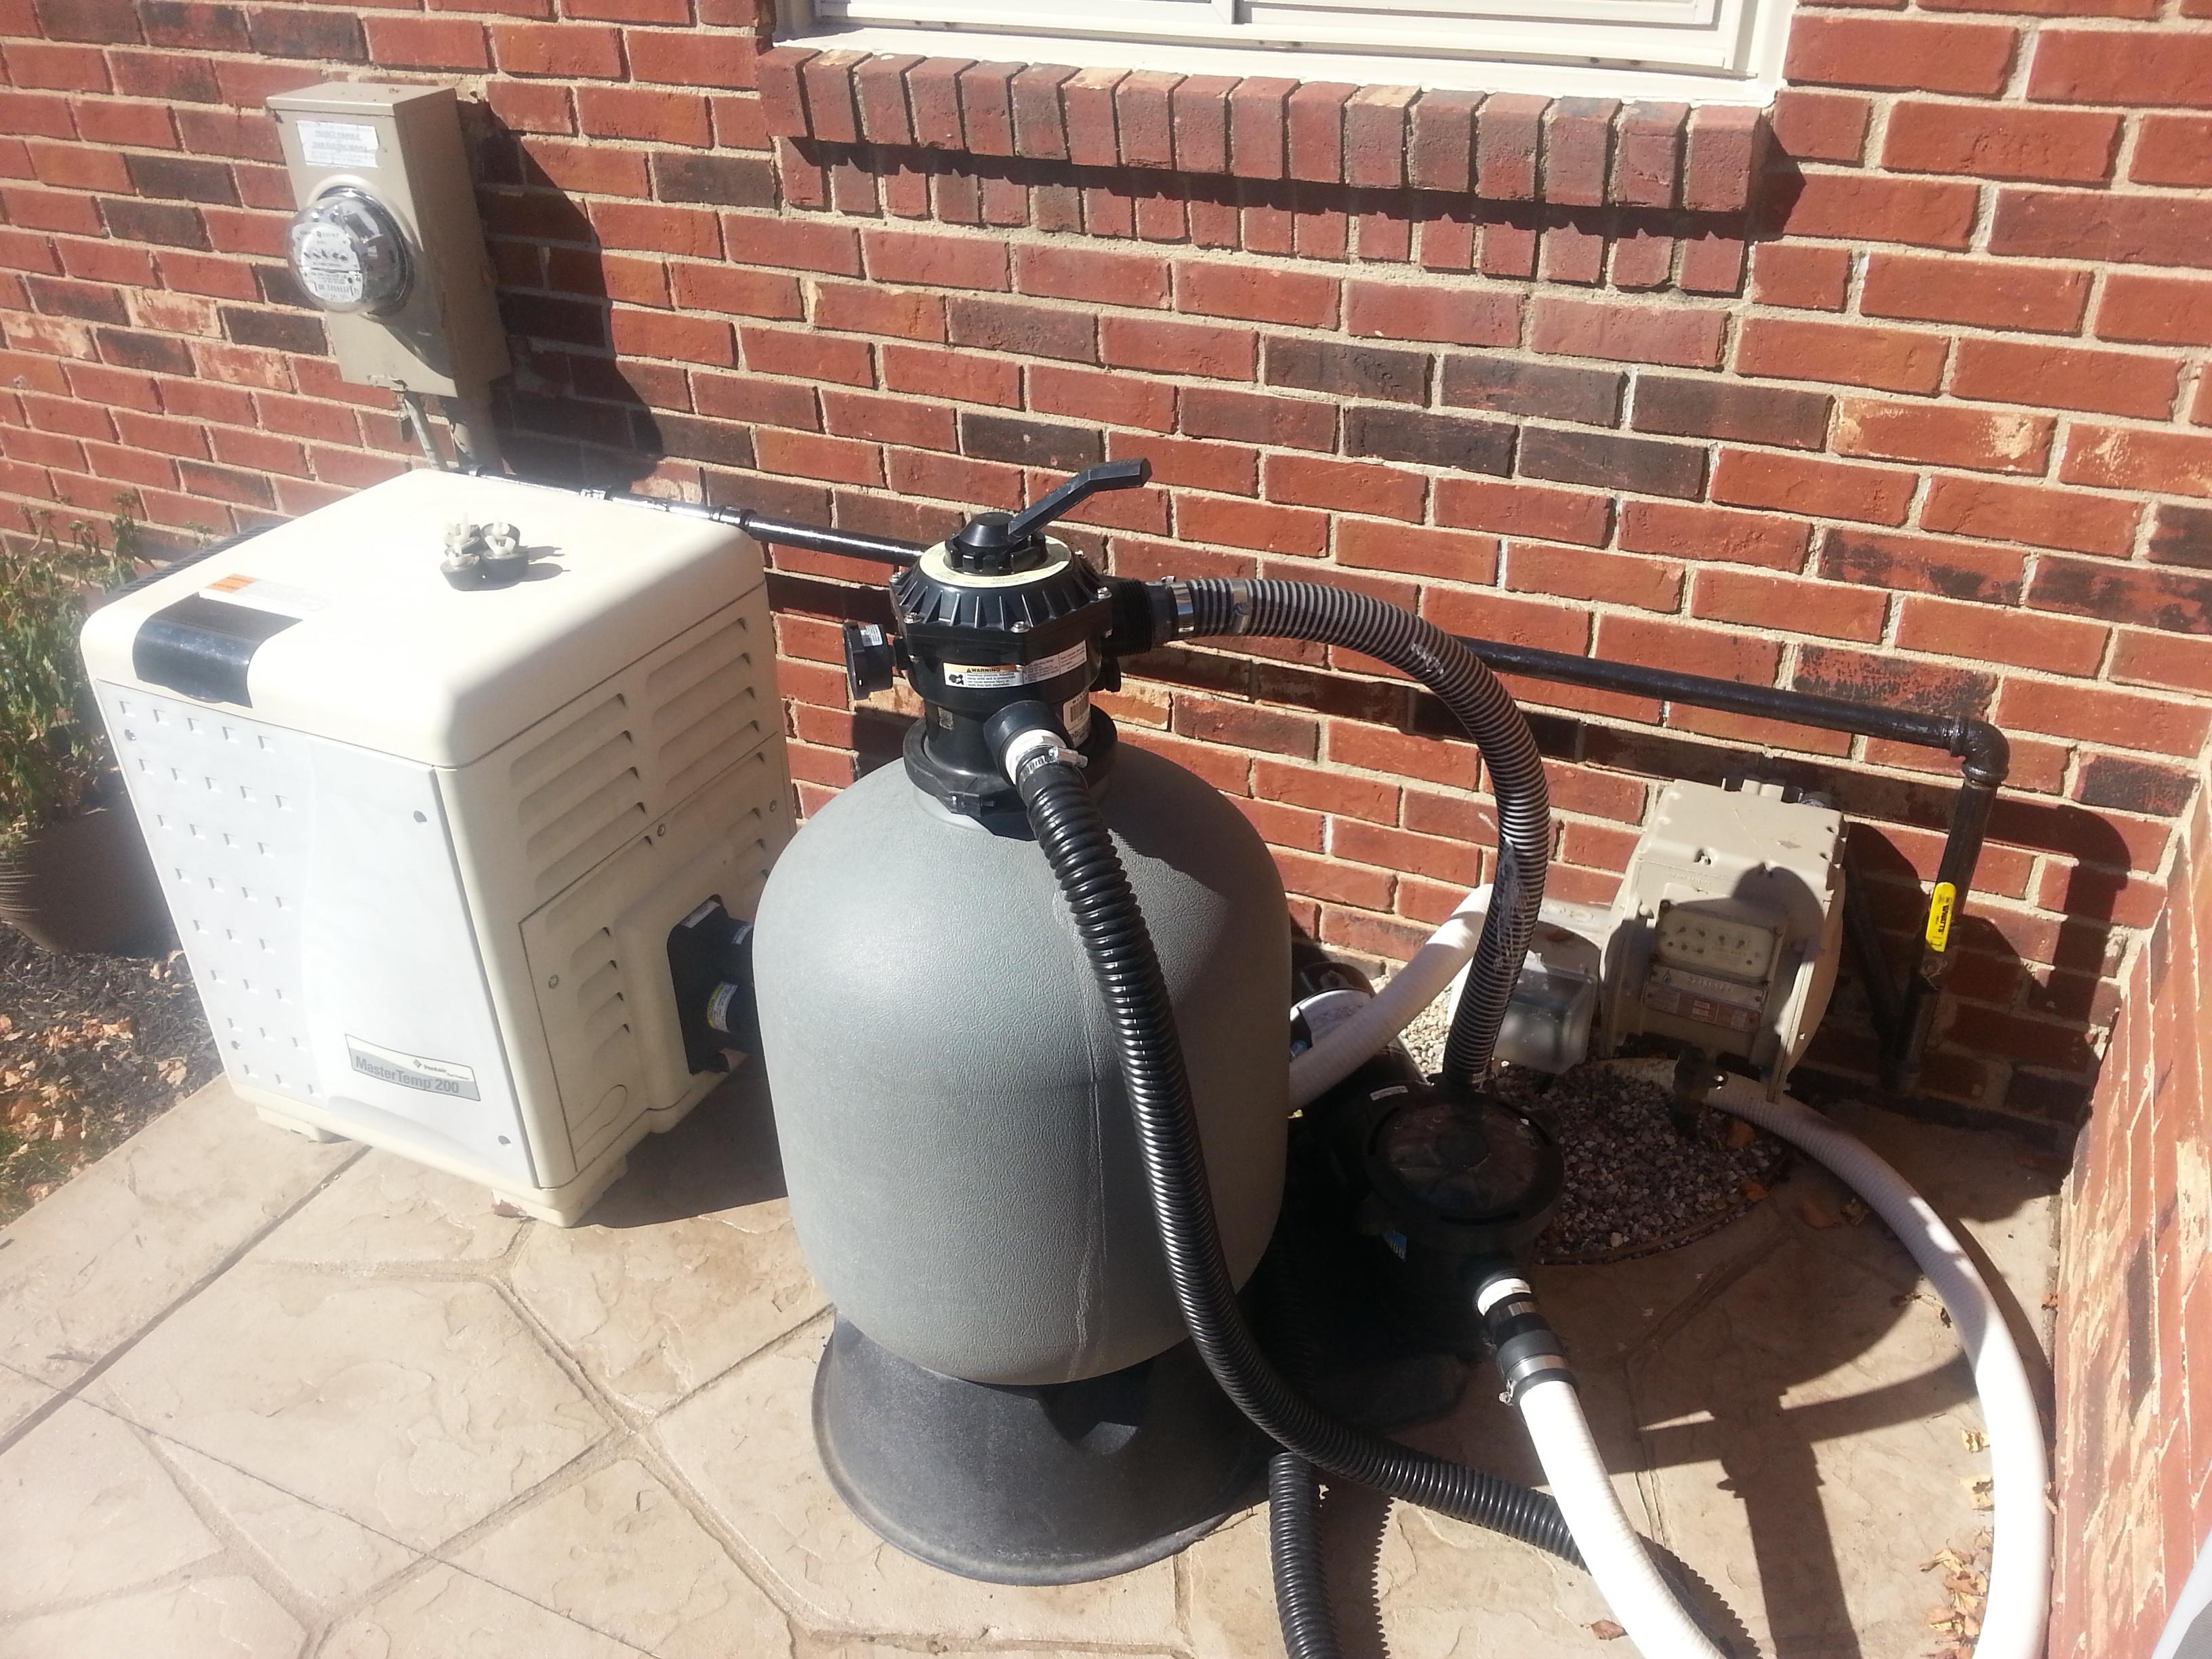 equipment-setup-2-e1456385150480